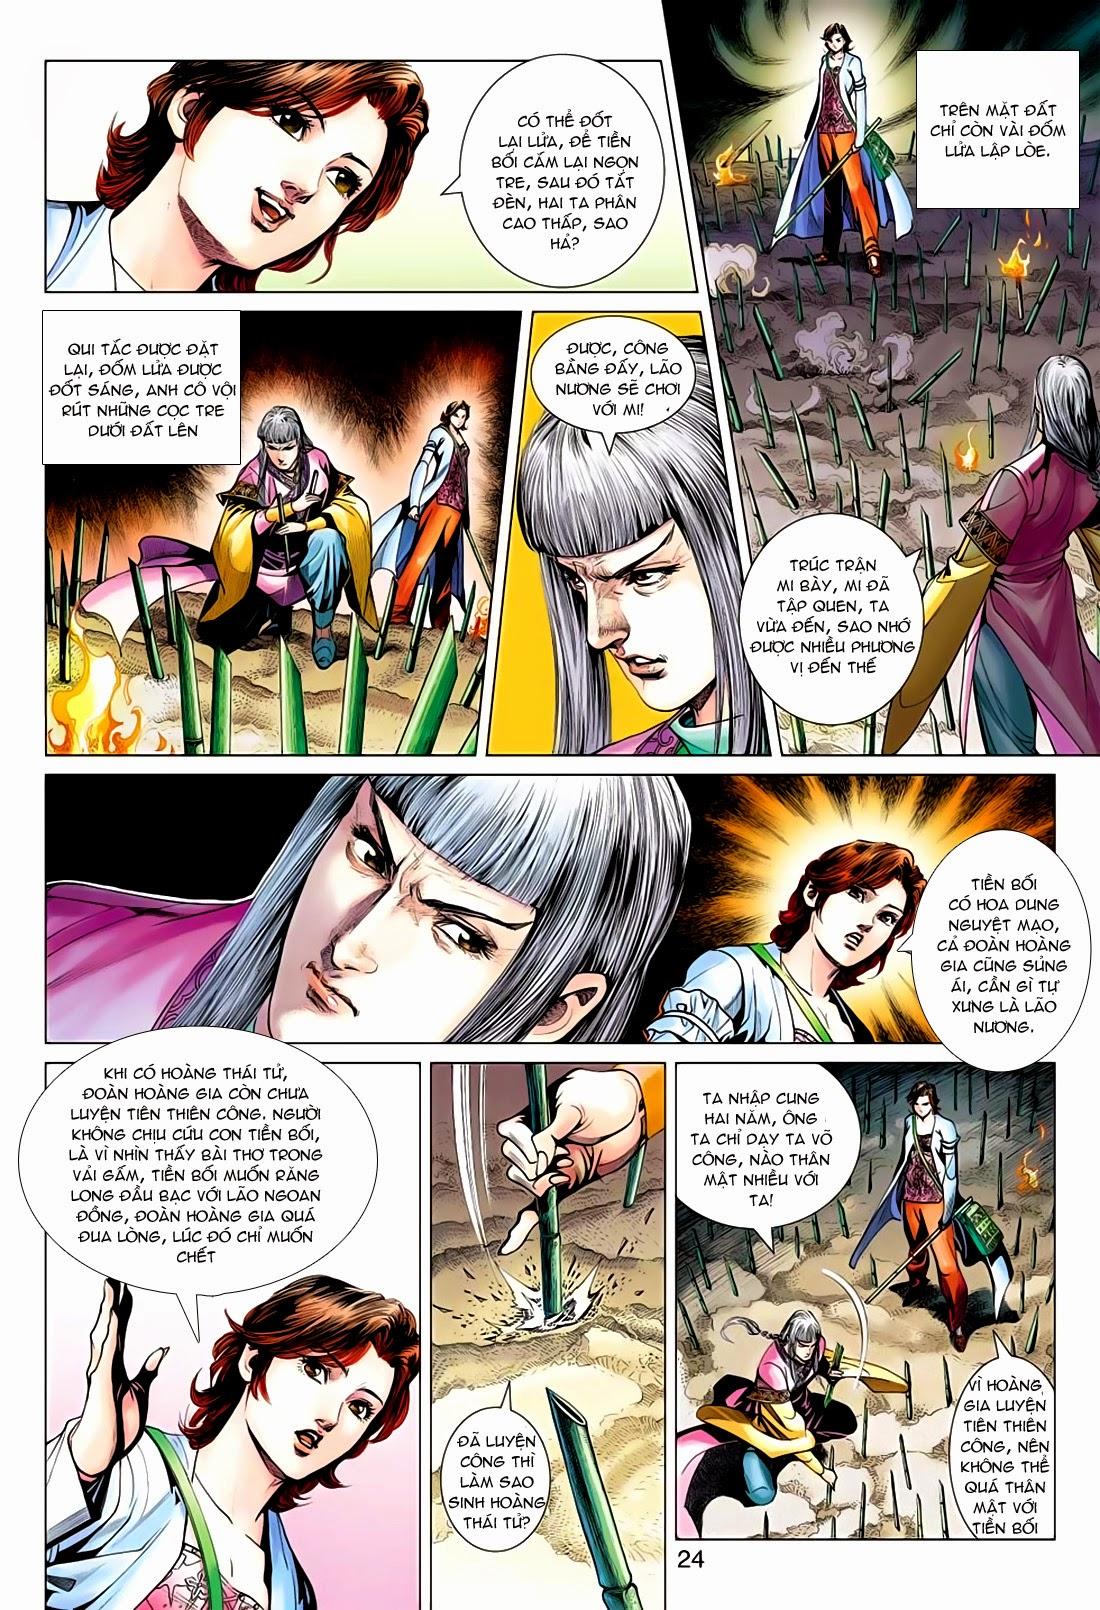 xem truyen moi - Anh Hùng Xạ Điêu - Chapter 79: Ngụy Cục